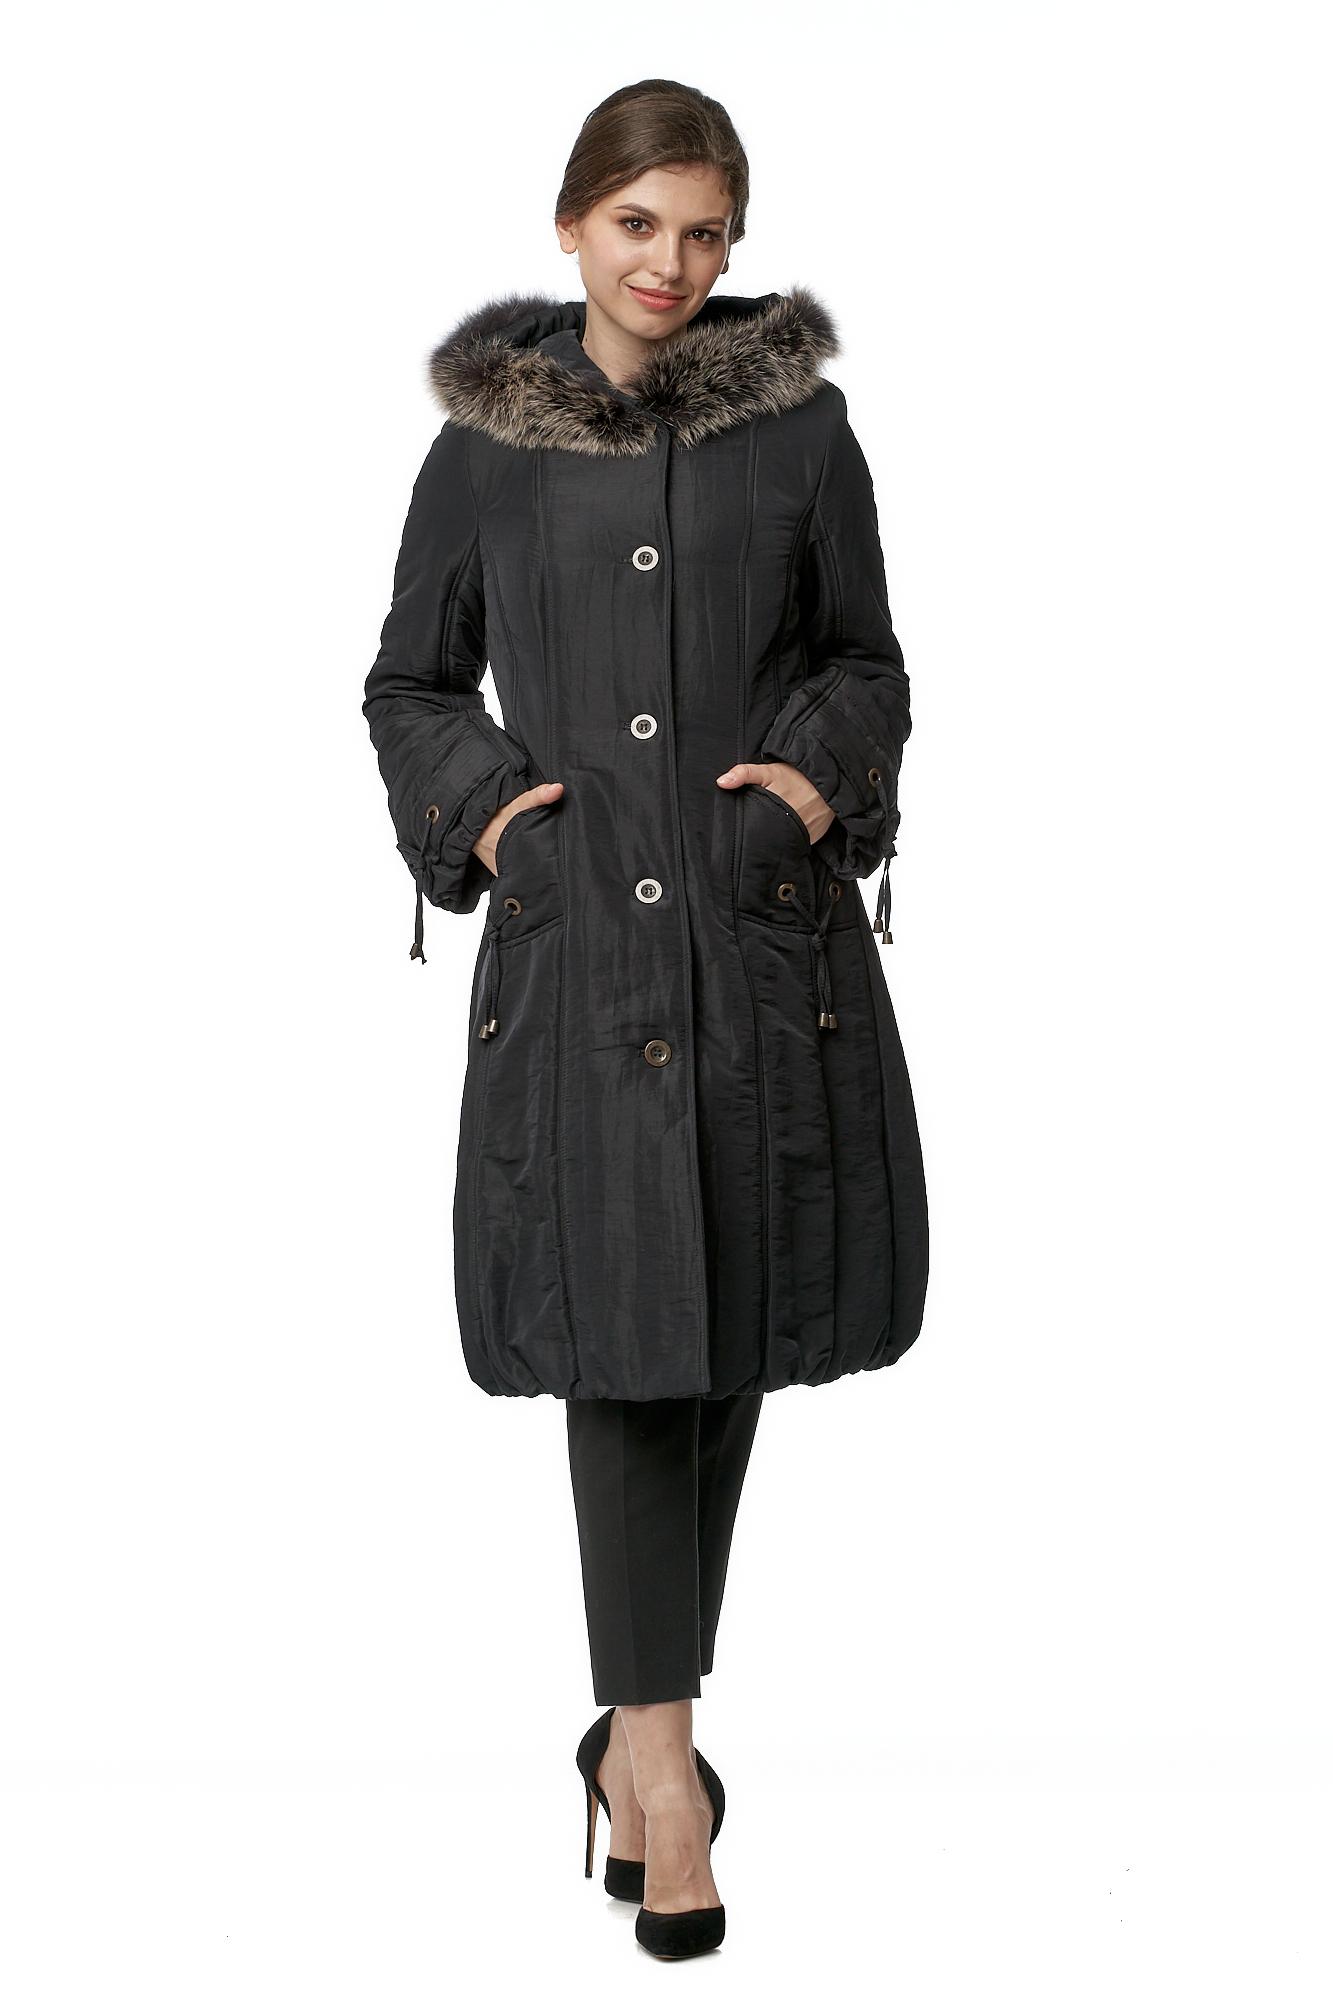 Пуховик женский из текстиля с капюшоном, отделка песец